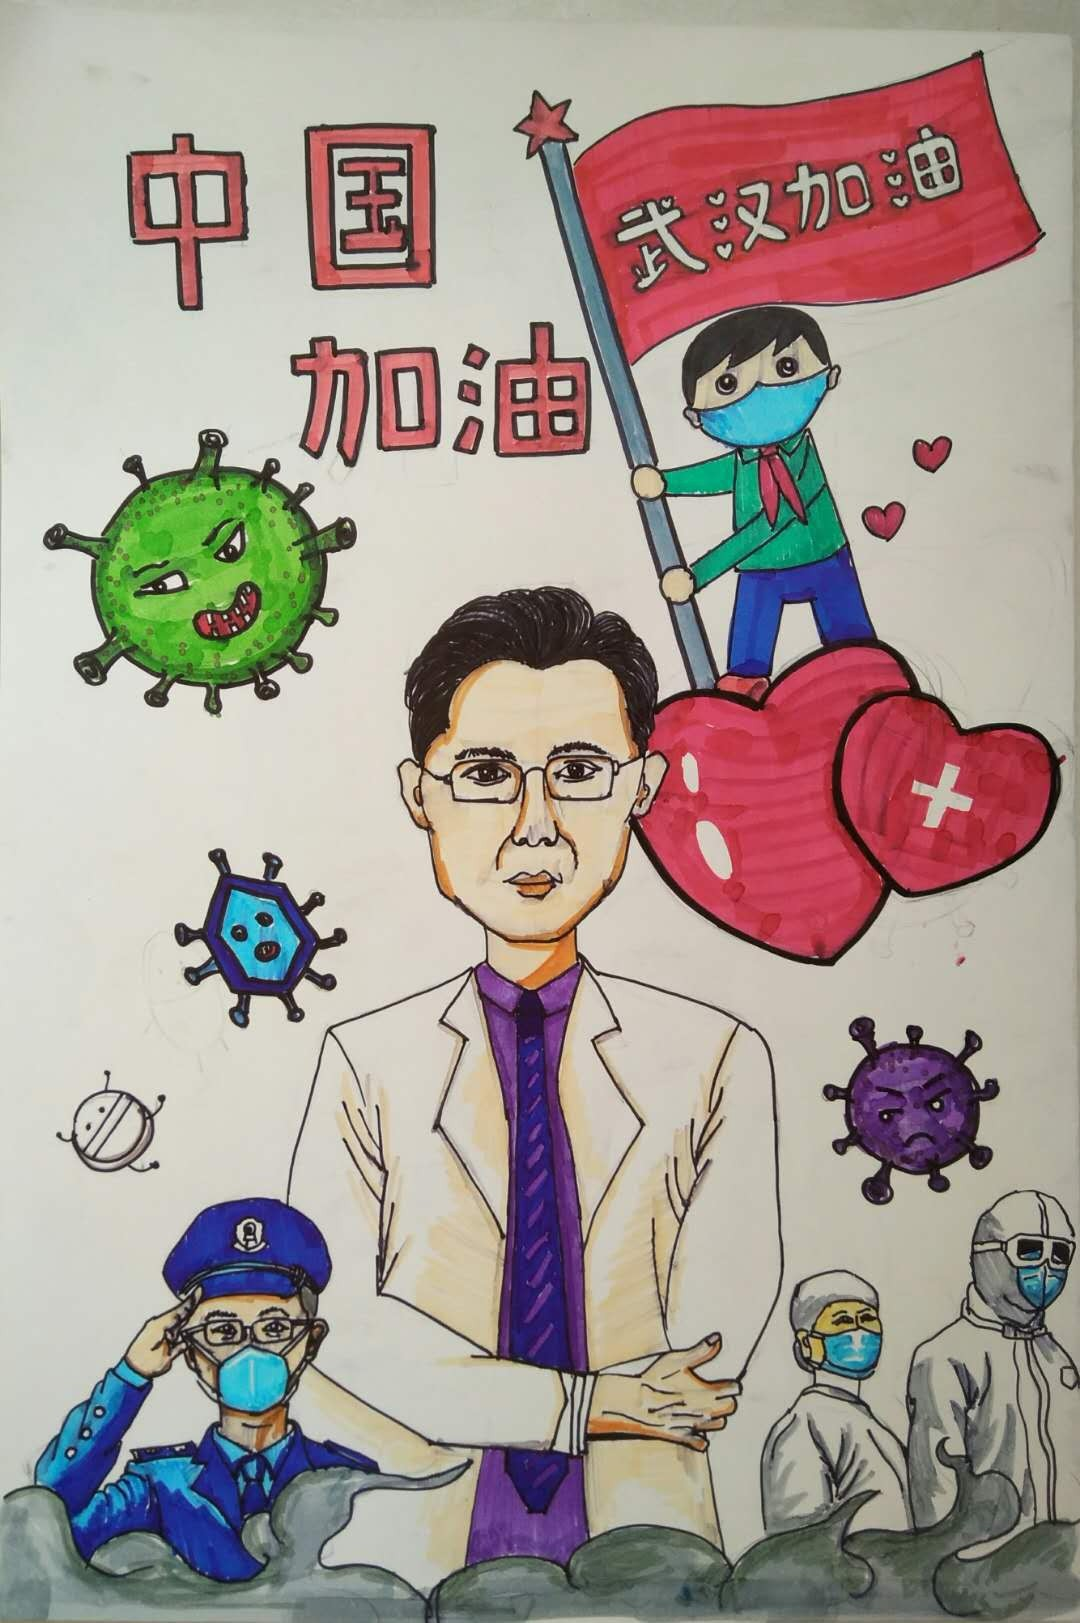 抗击疫情手绘宣传画—茌平区马沙幼儿园